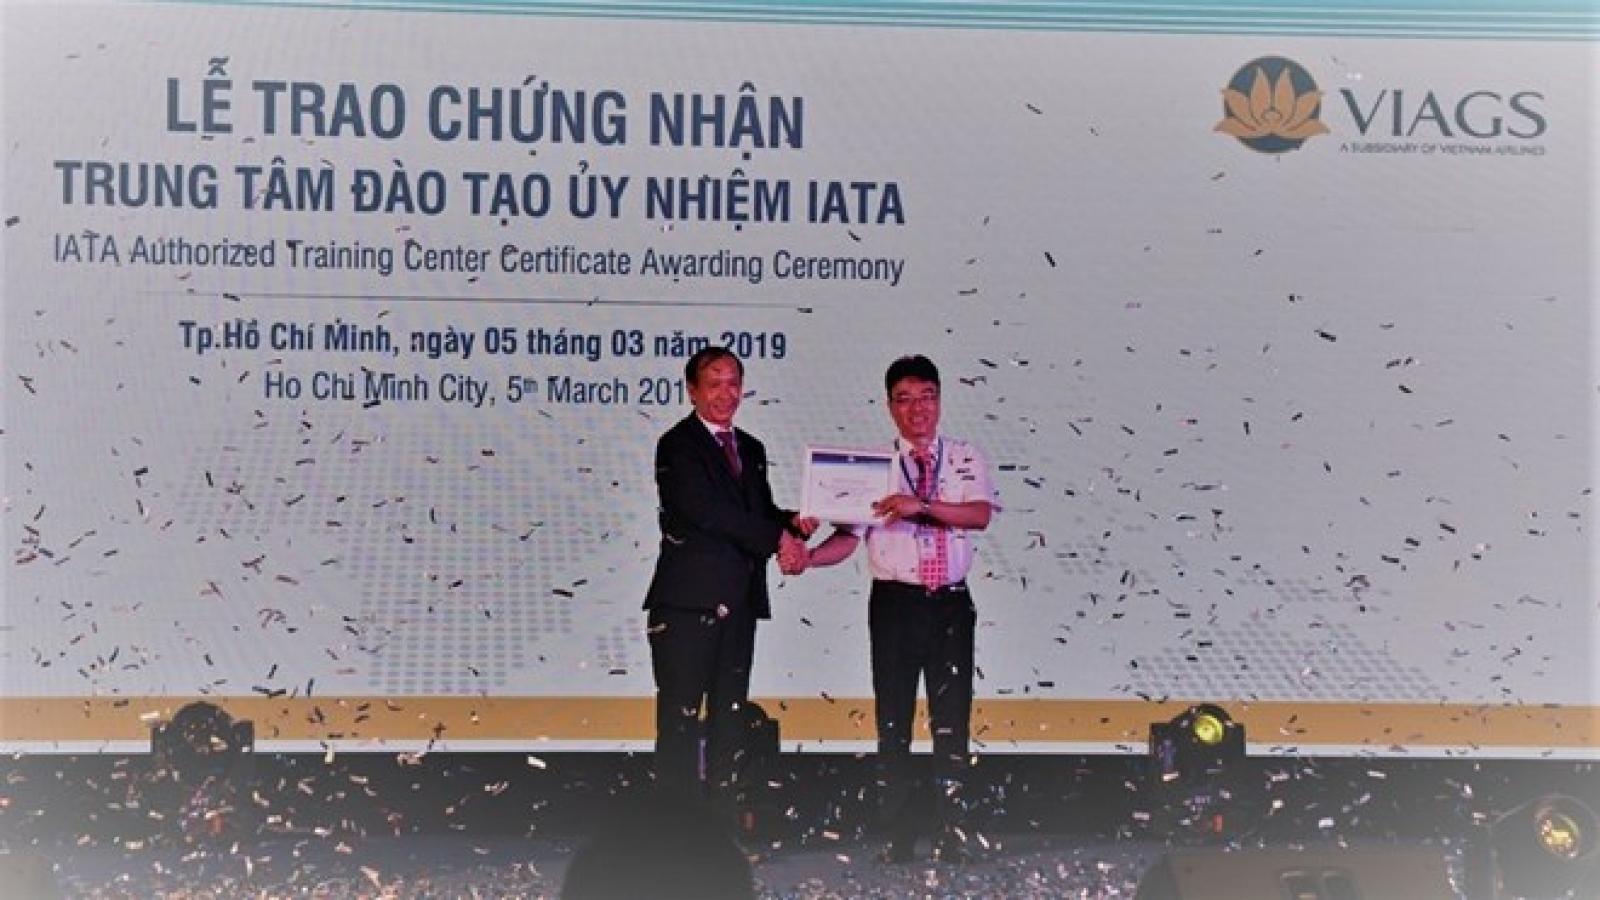 VIAGS authorised to host IATA training center course